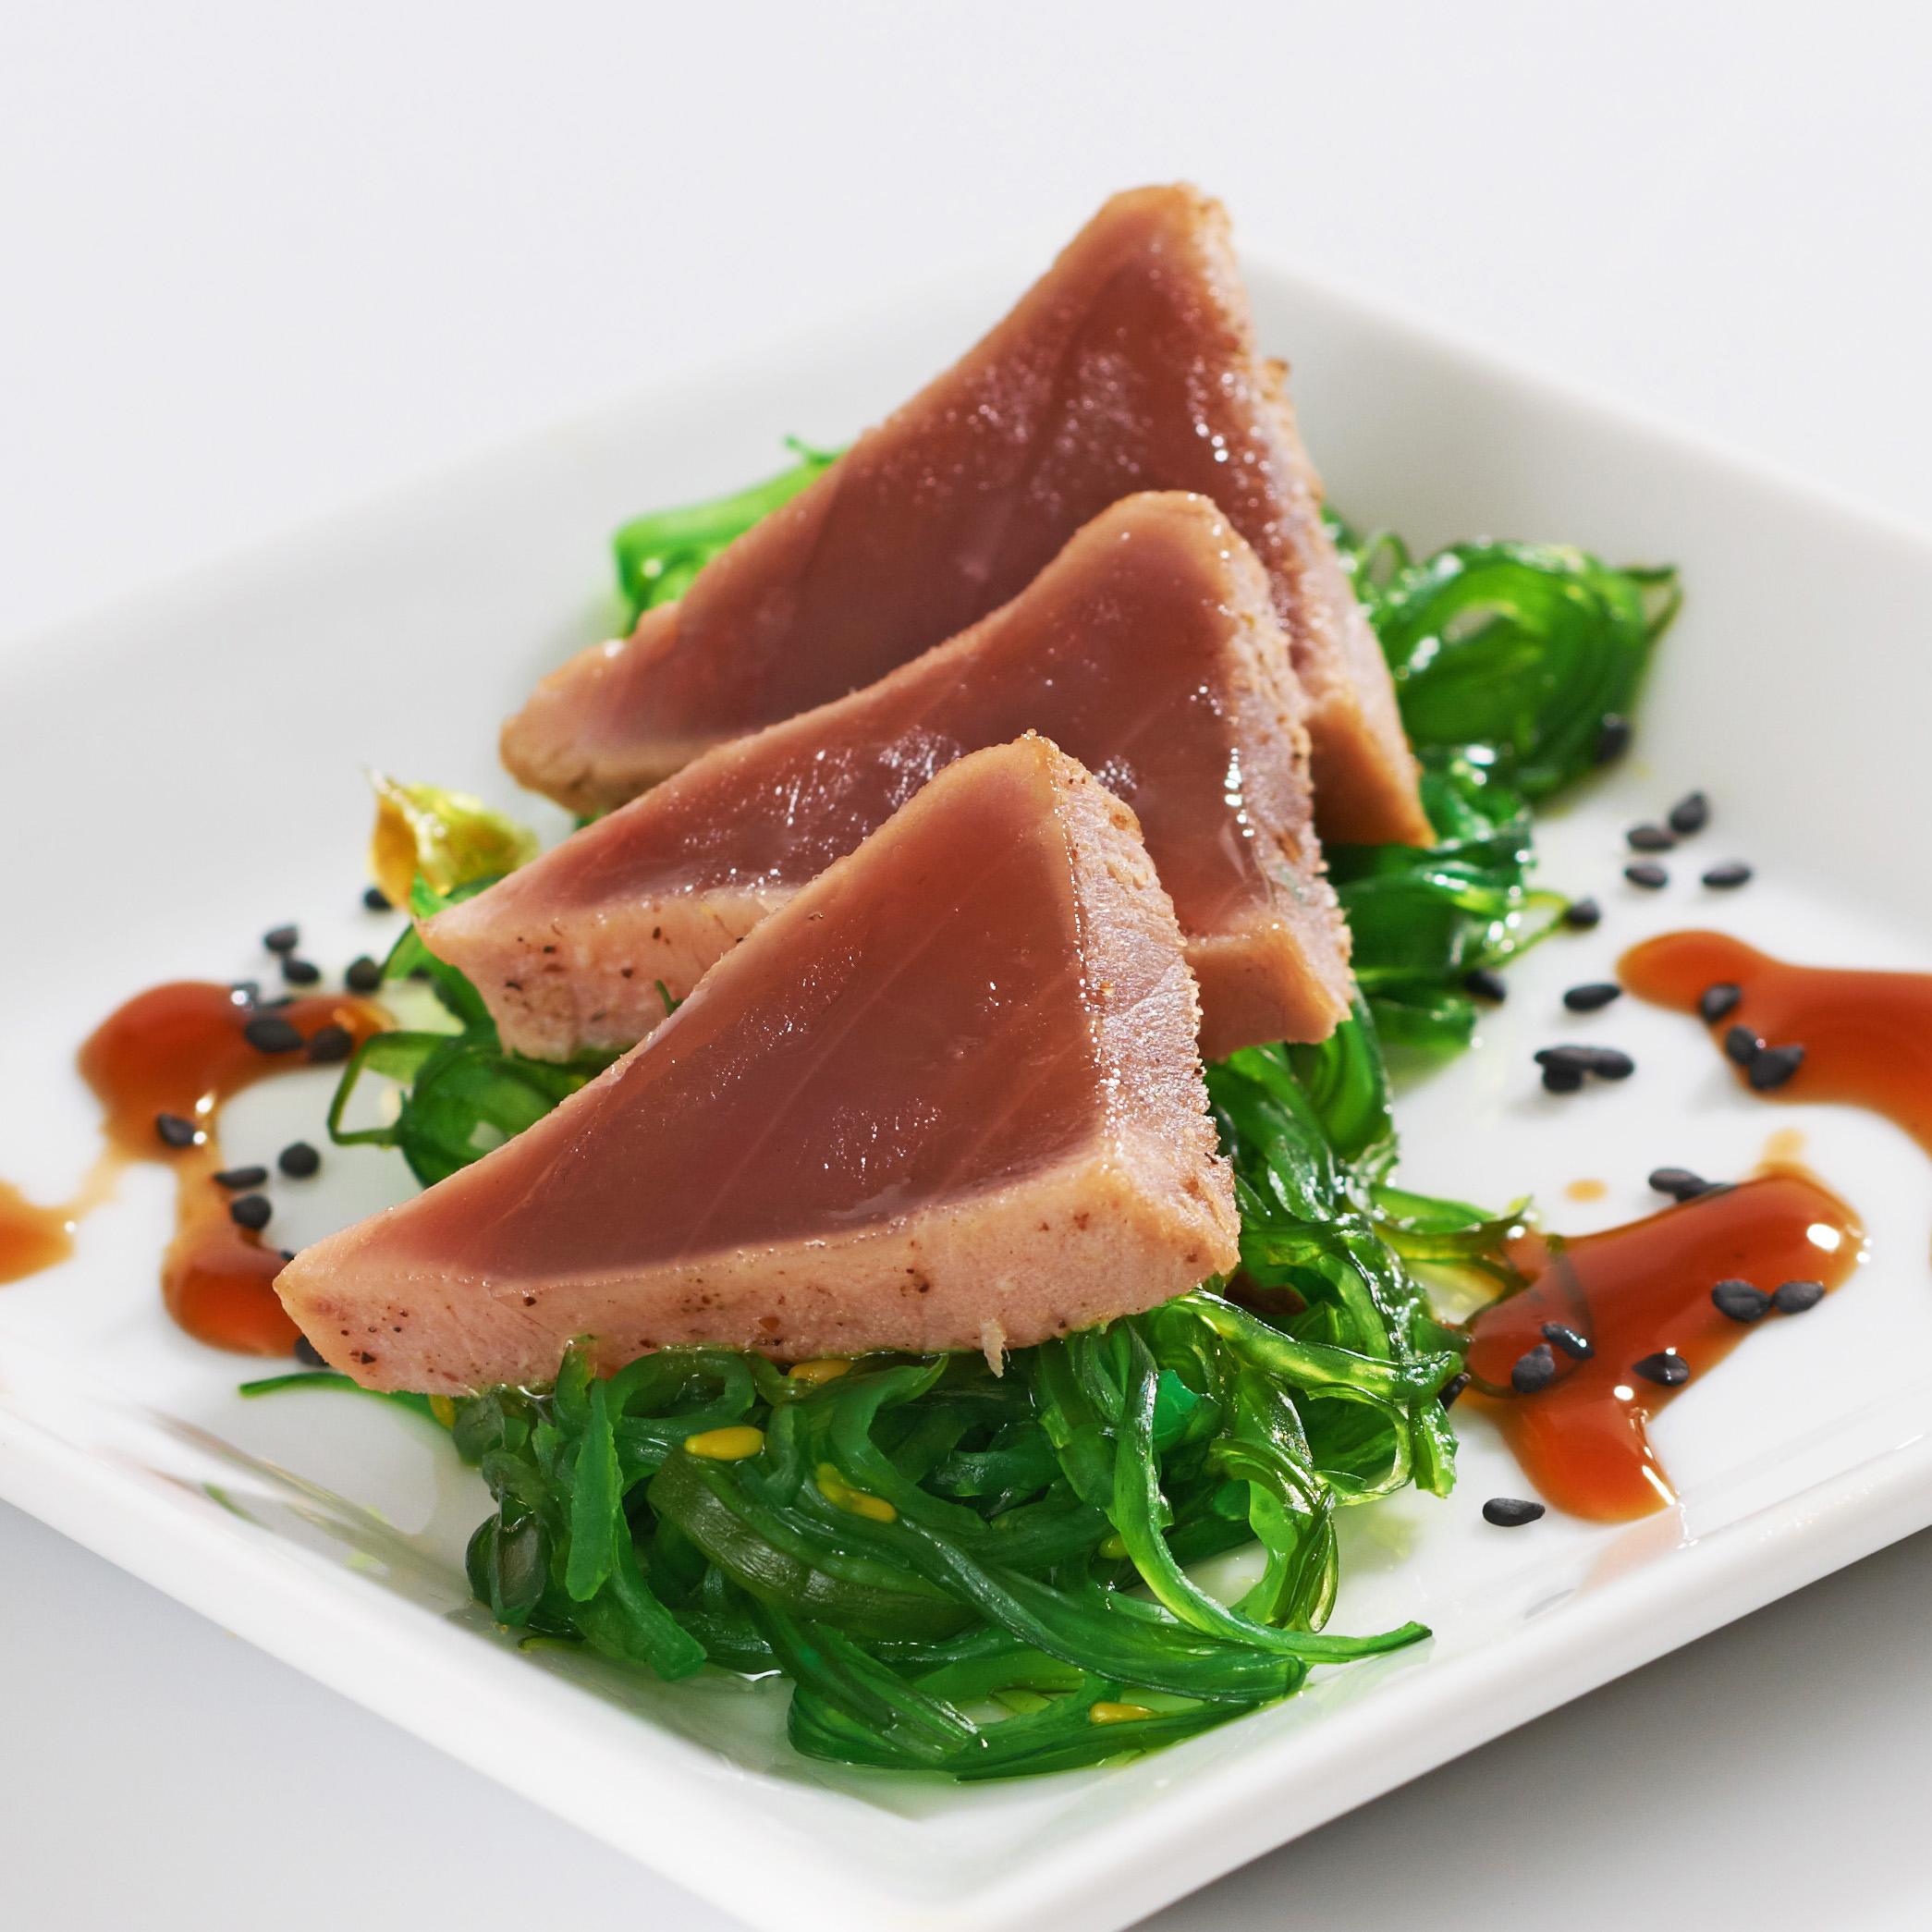 Fotodesign-matthias-schütz-thunfisch-sashimi